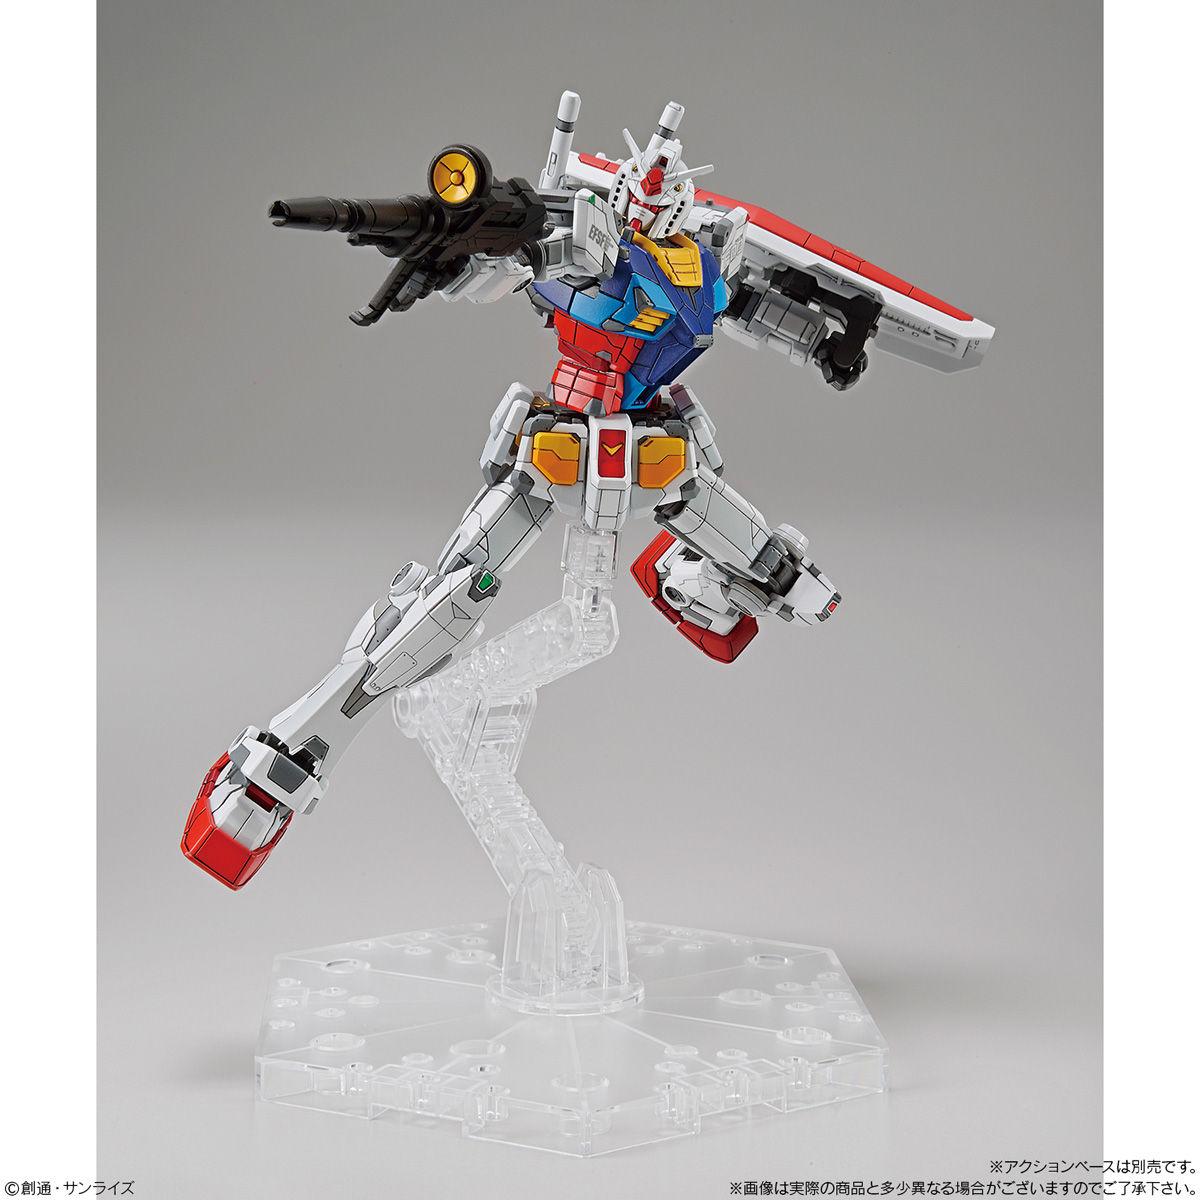 【再販】GUNDAM FACTORY YOKOHAMA『RX-78F00 ガンダム&ガンダムドック』1/144 プラモデル-006